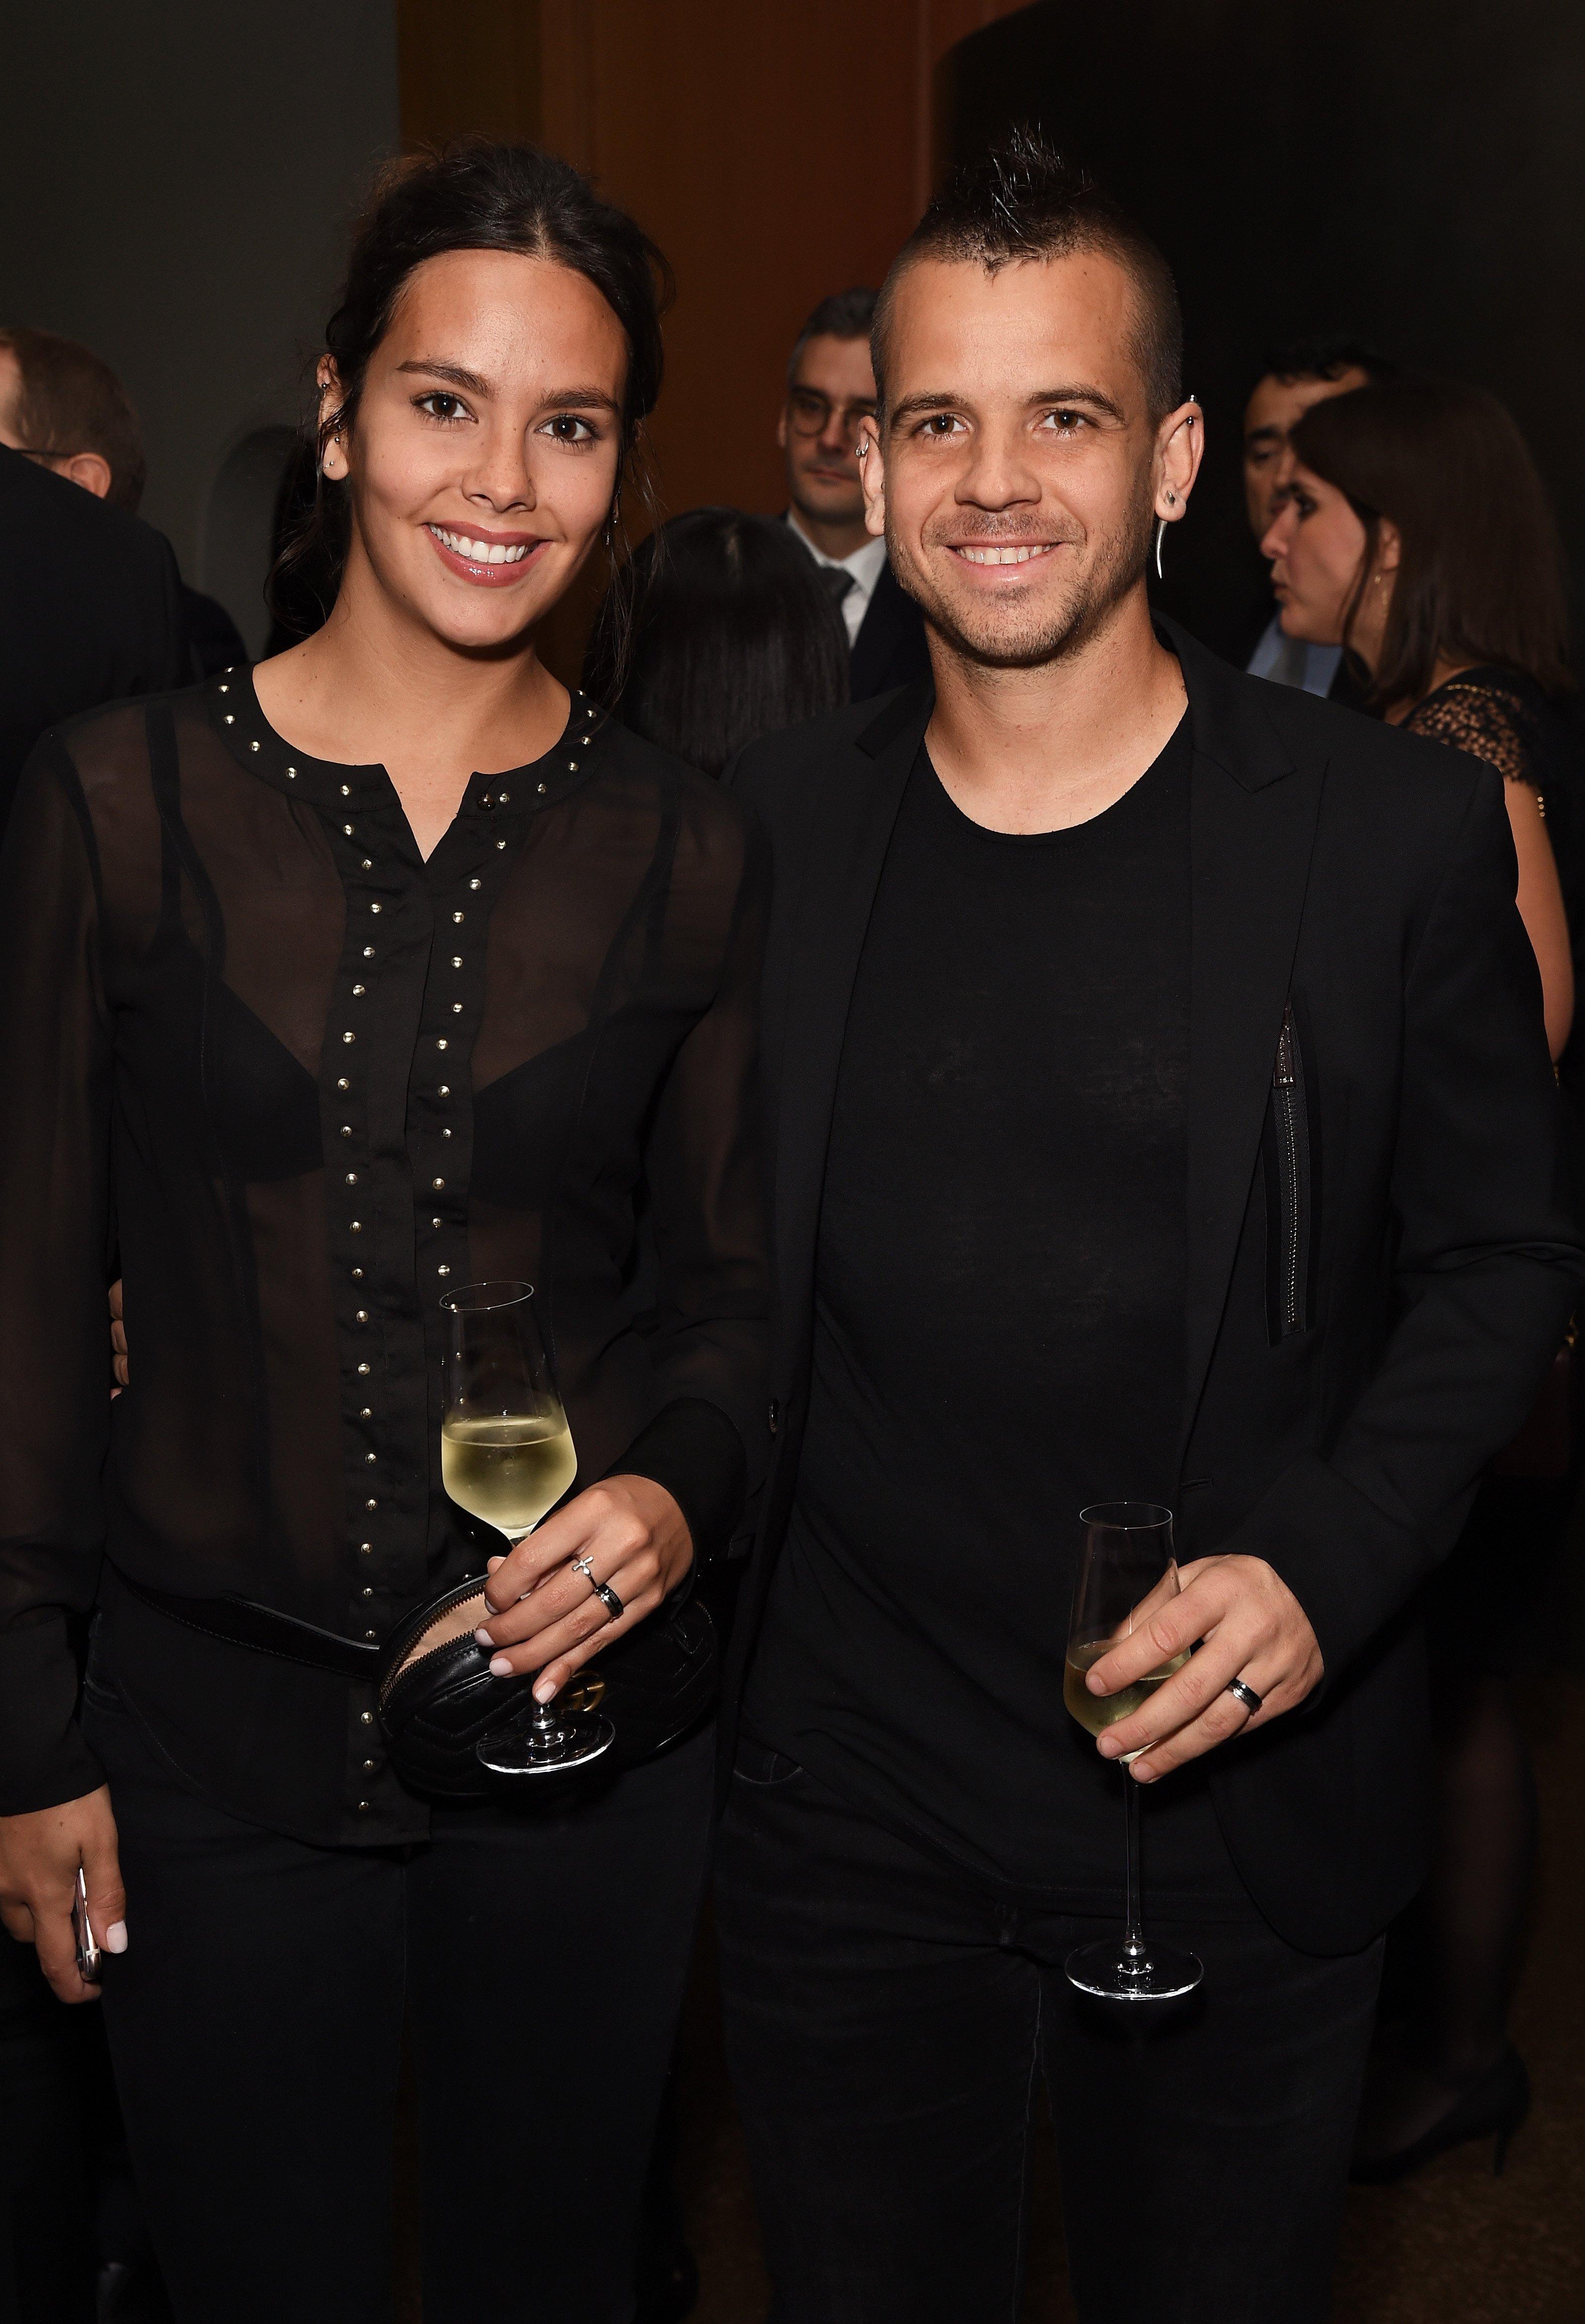 Cristina Pedroche y David Muñoz en el 10° aniversario de Alain Ducasse en el Dorchester, en 2017. || Fuente: Getty Images